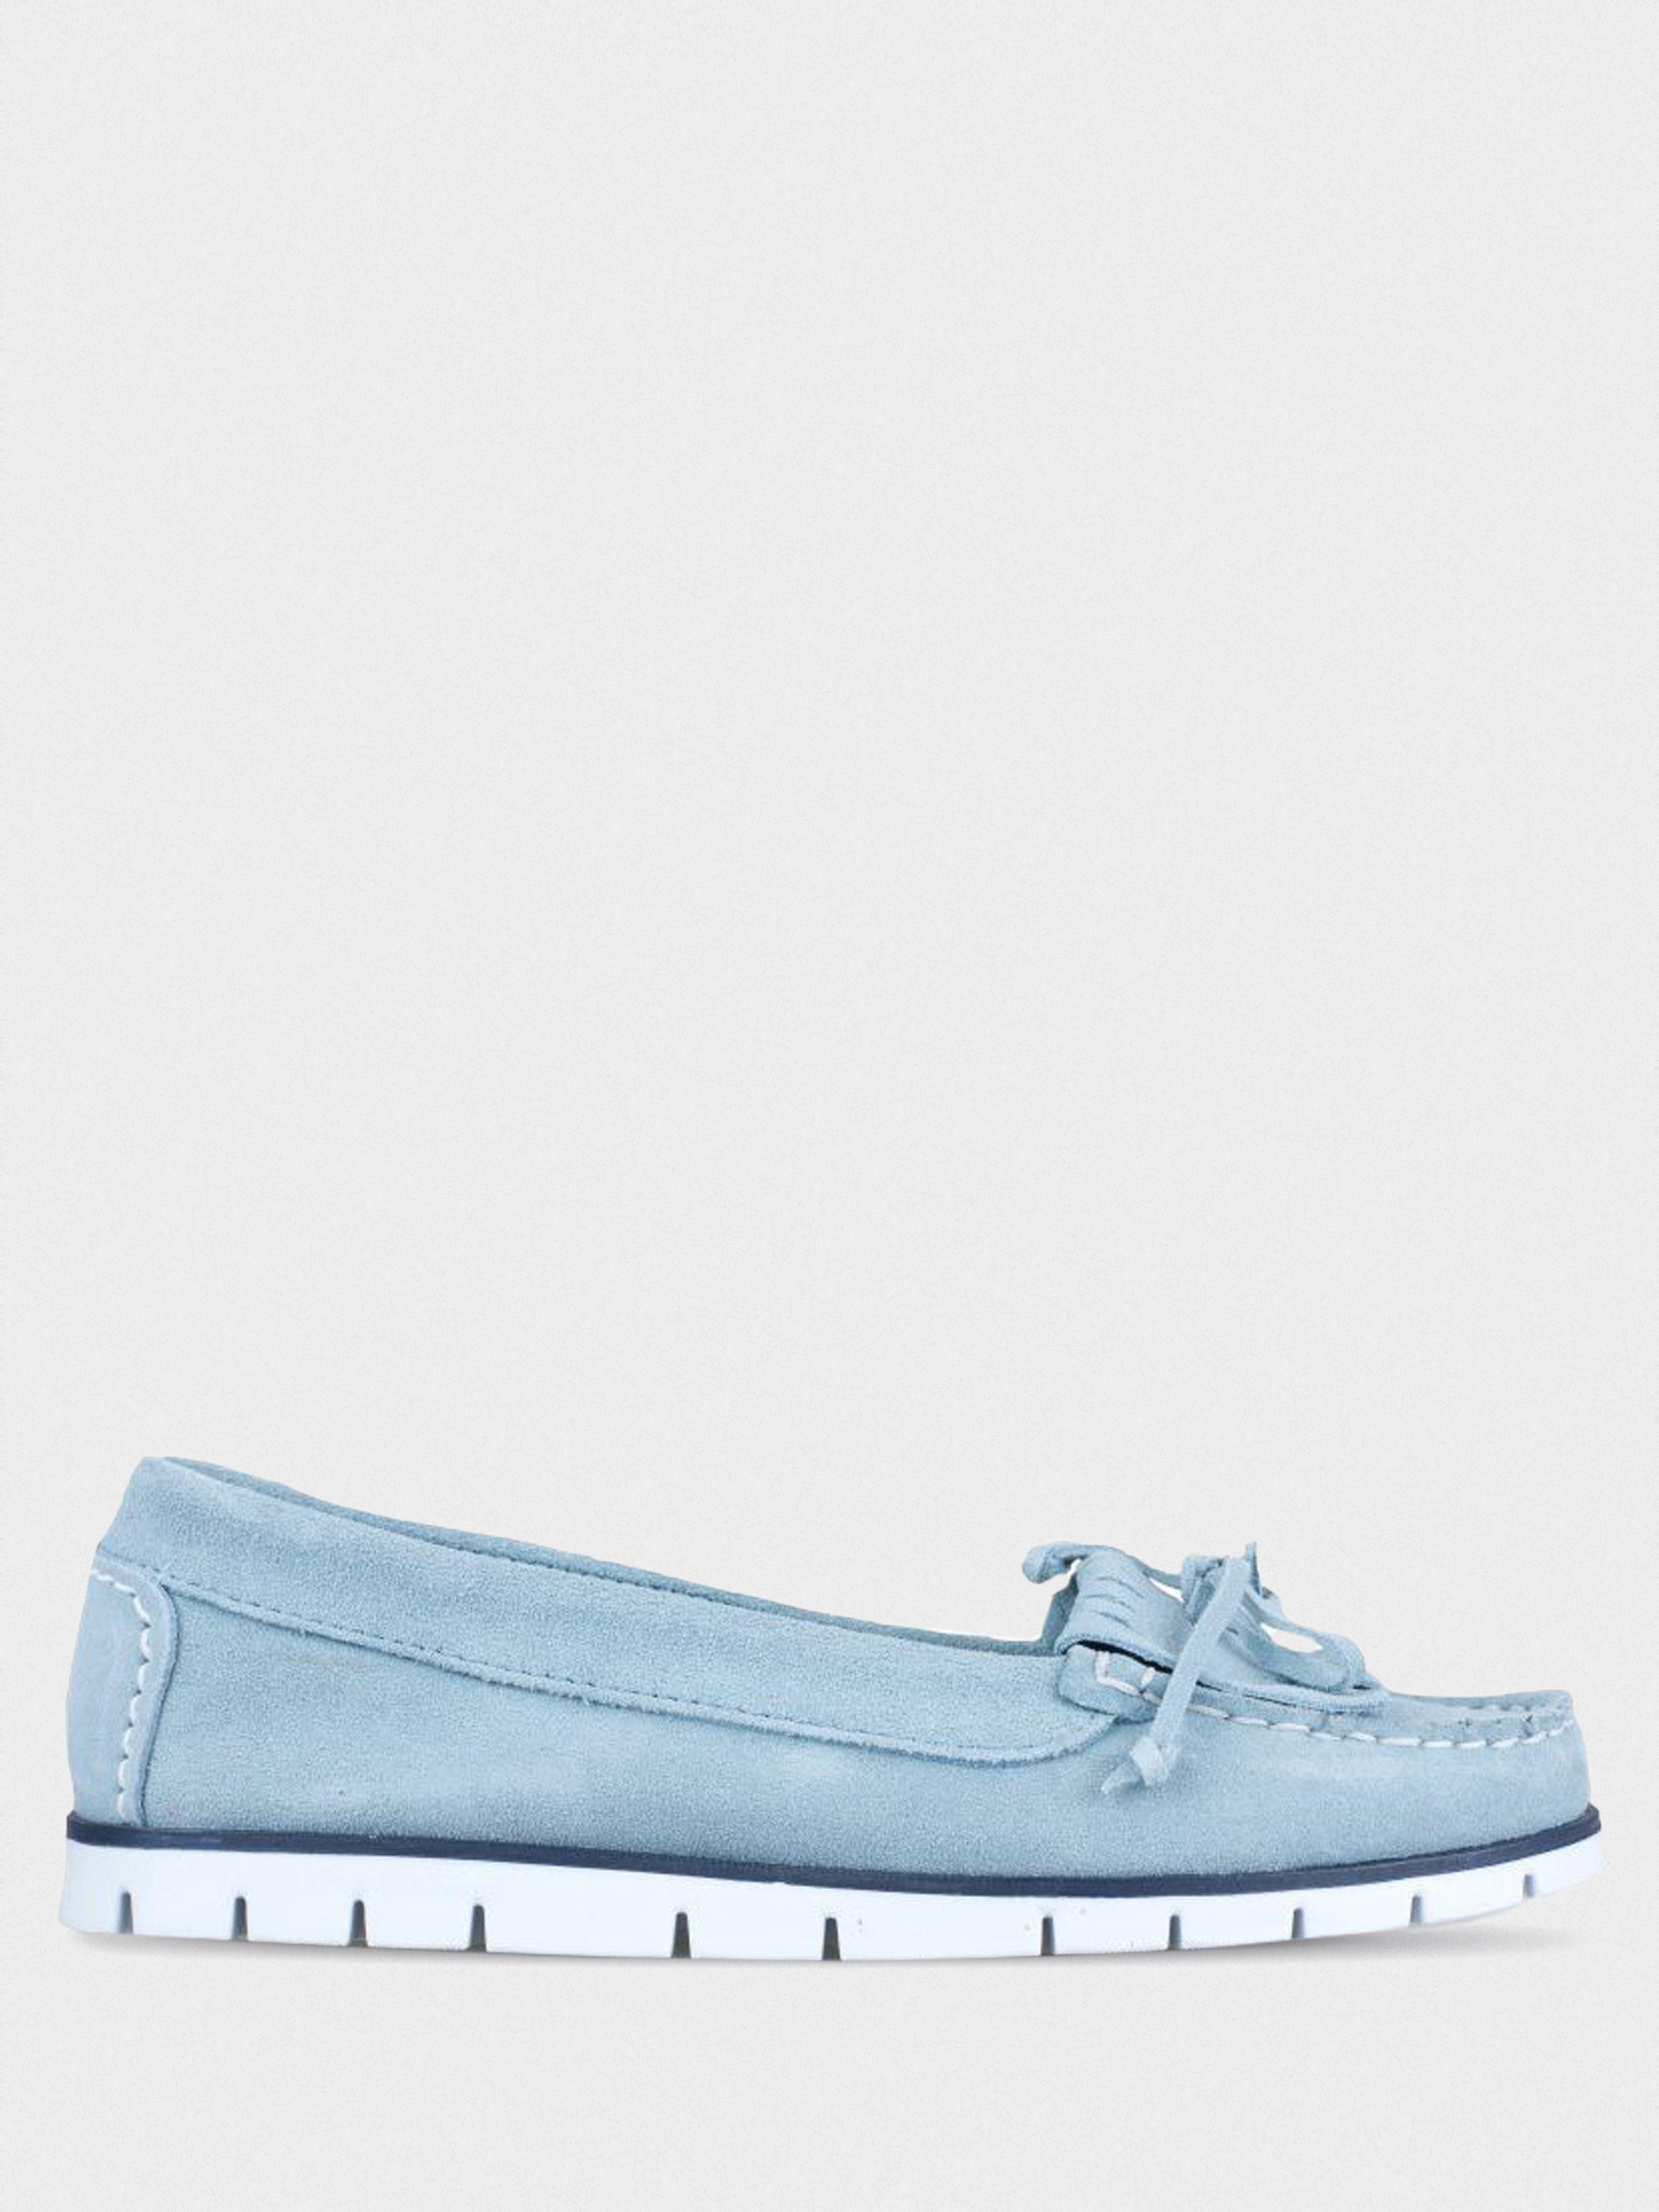 Купить Мокасины женские Filipe Shoes UZ31, Голубой